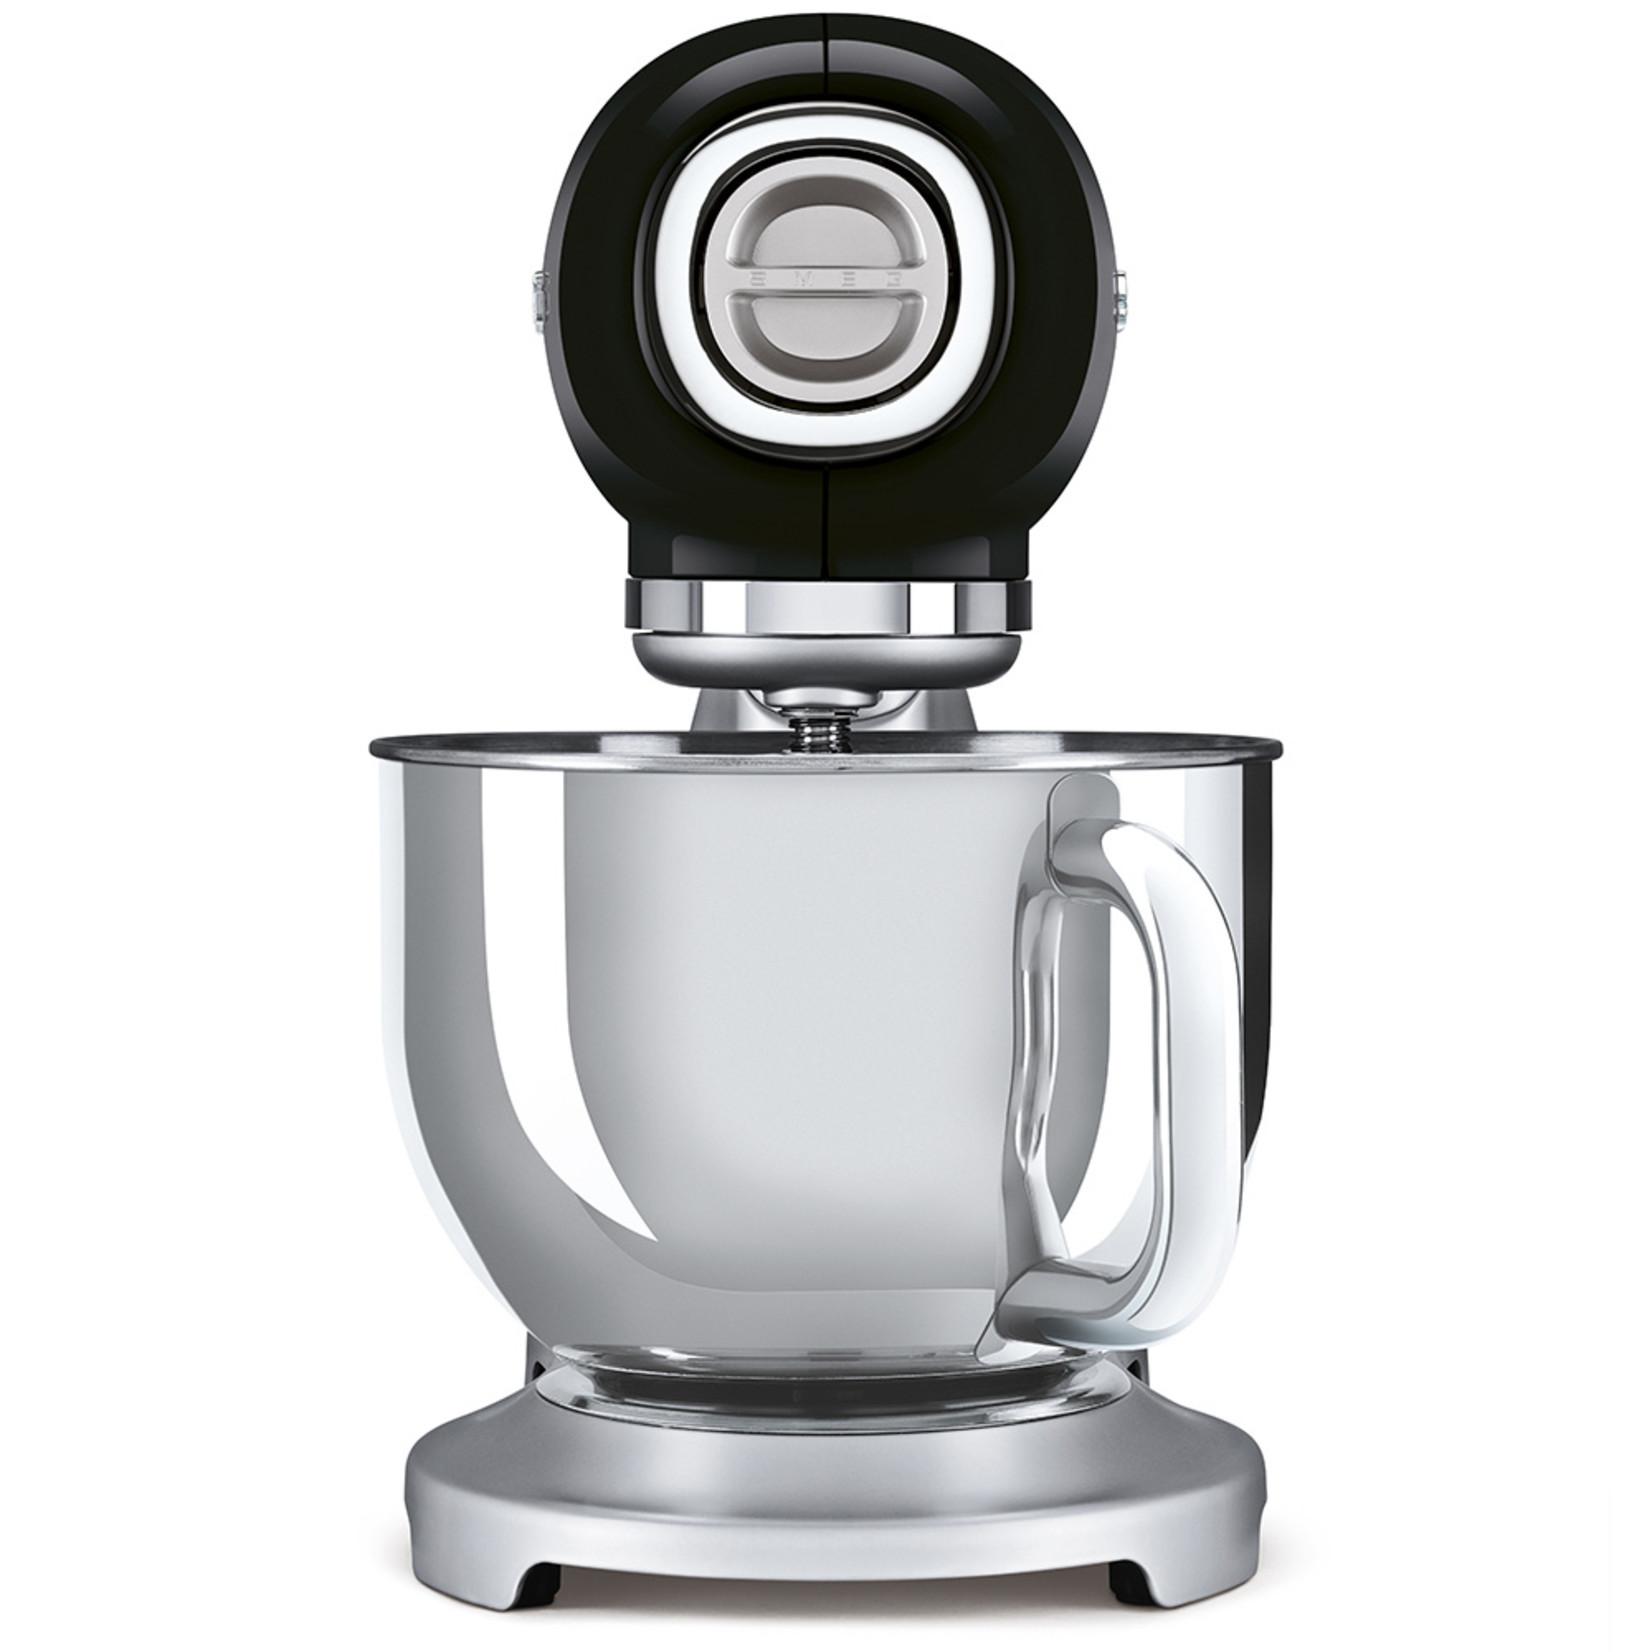 Smeg Smeg Keukenmachine SMF02BLEU, zwart